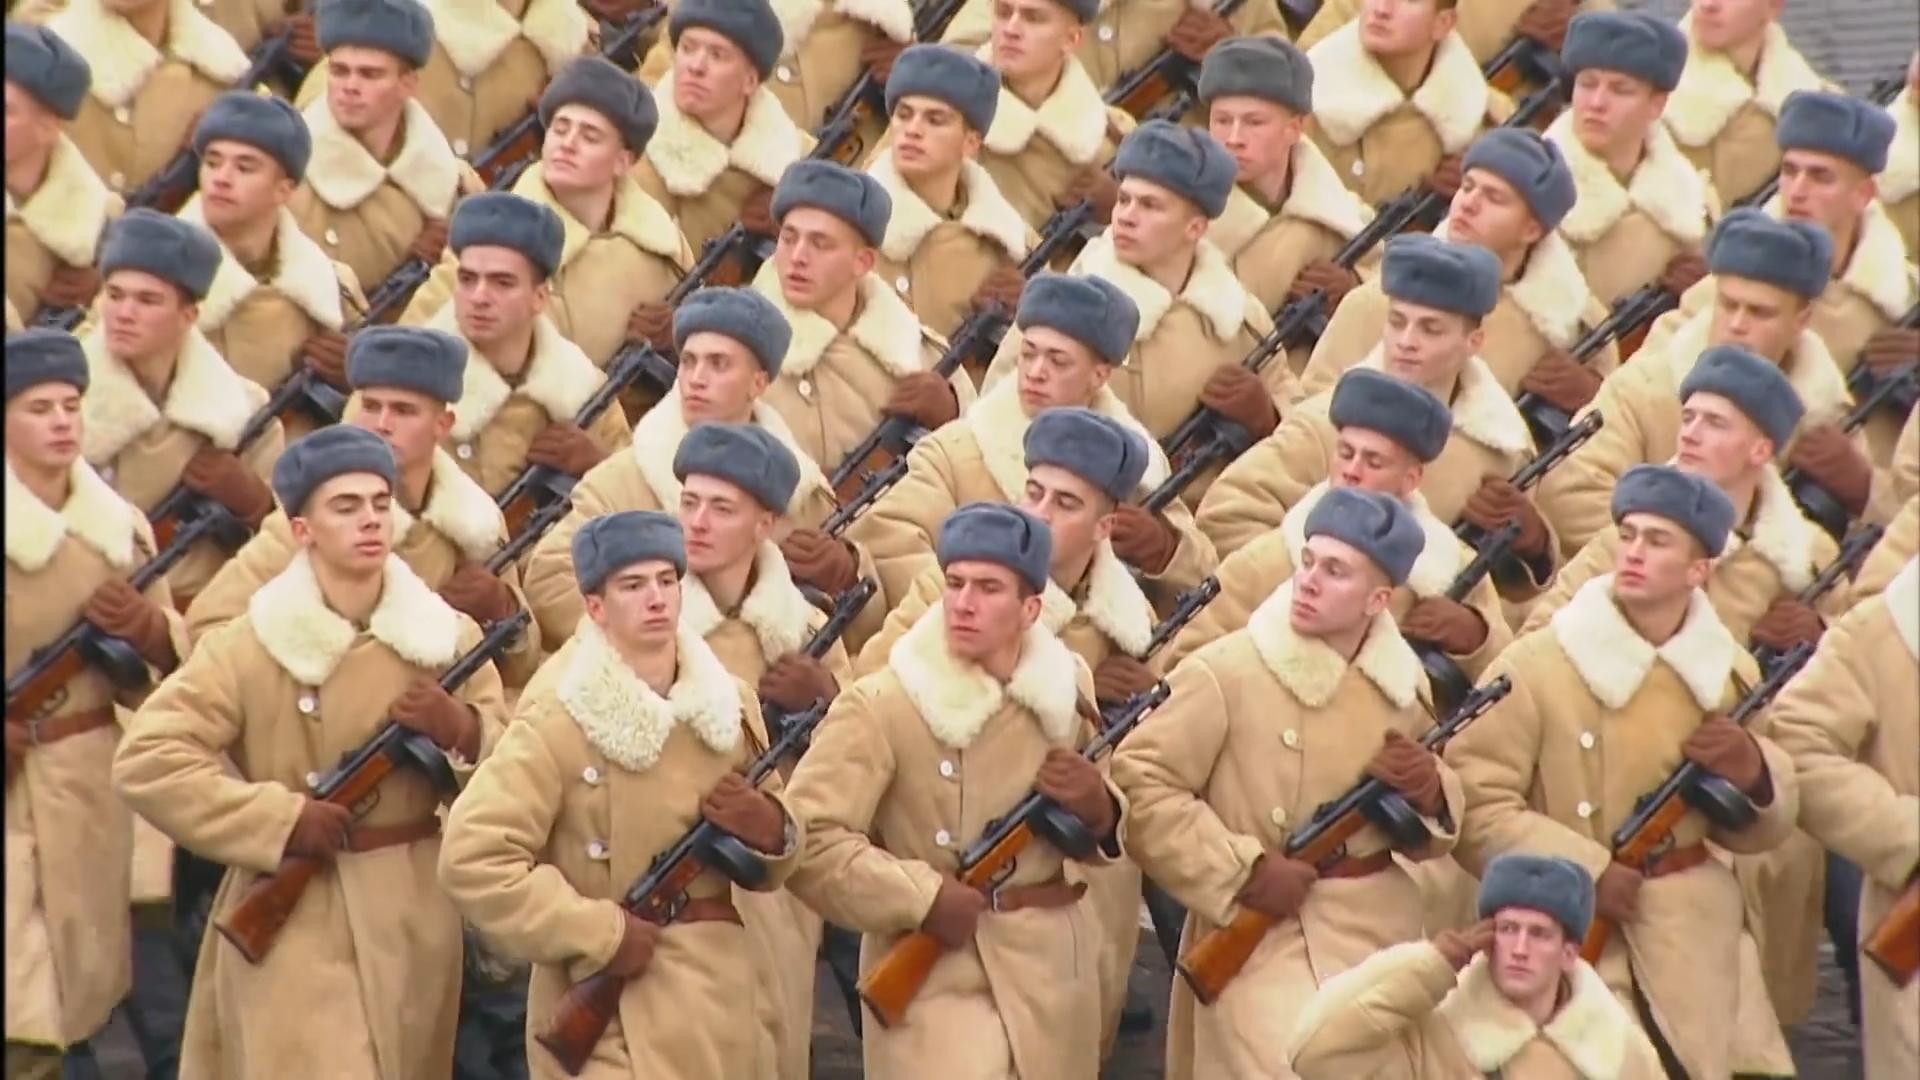 47-Марш в честь годовщины парада на Красной площади 1941-го года в Москве. Прямая трансляция